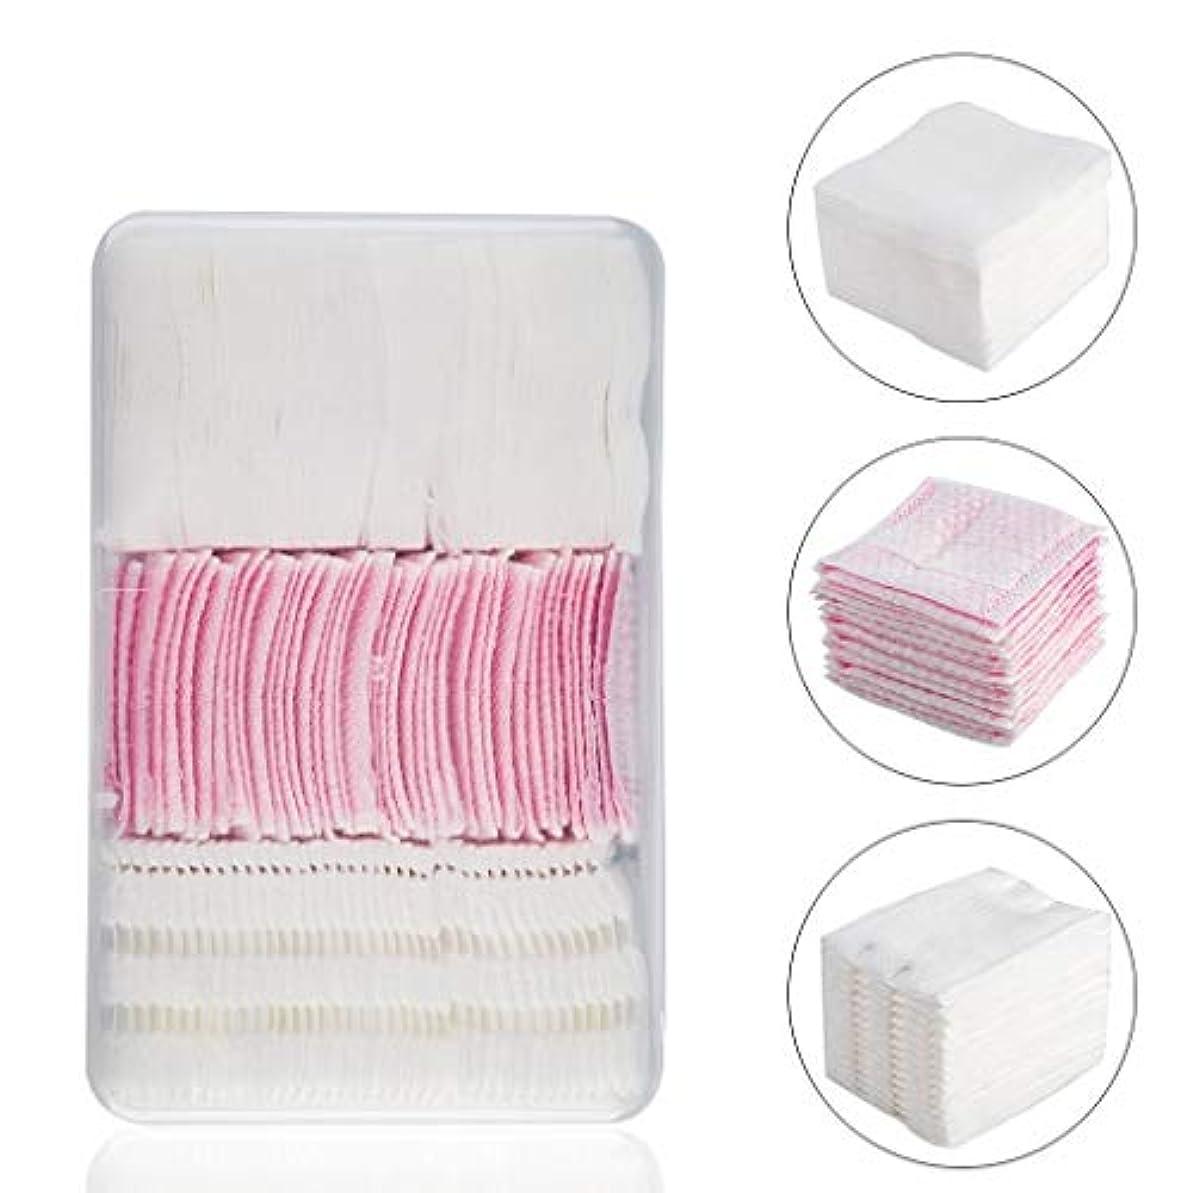 想像する分析的ロードブロッキングクレンジングシート コンビネーション使い捨て厚い綿パッド薄いパッドクリーニングワイパーリムーバーソフト多層クレンジングタオルタオルパッド (Color : White or Pink)